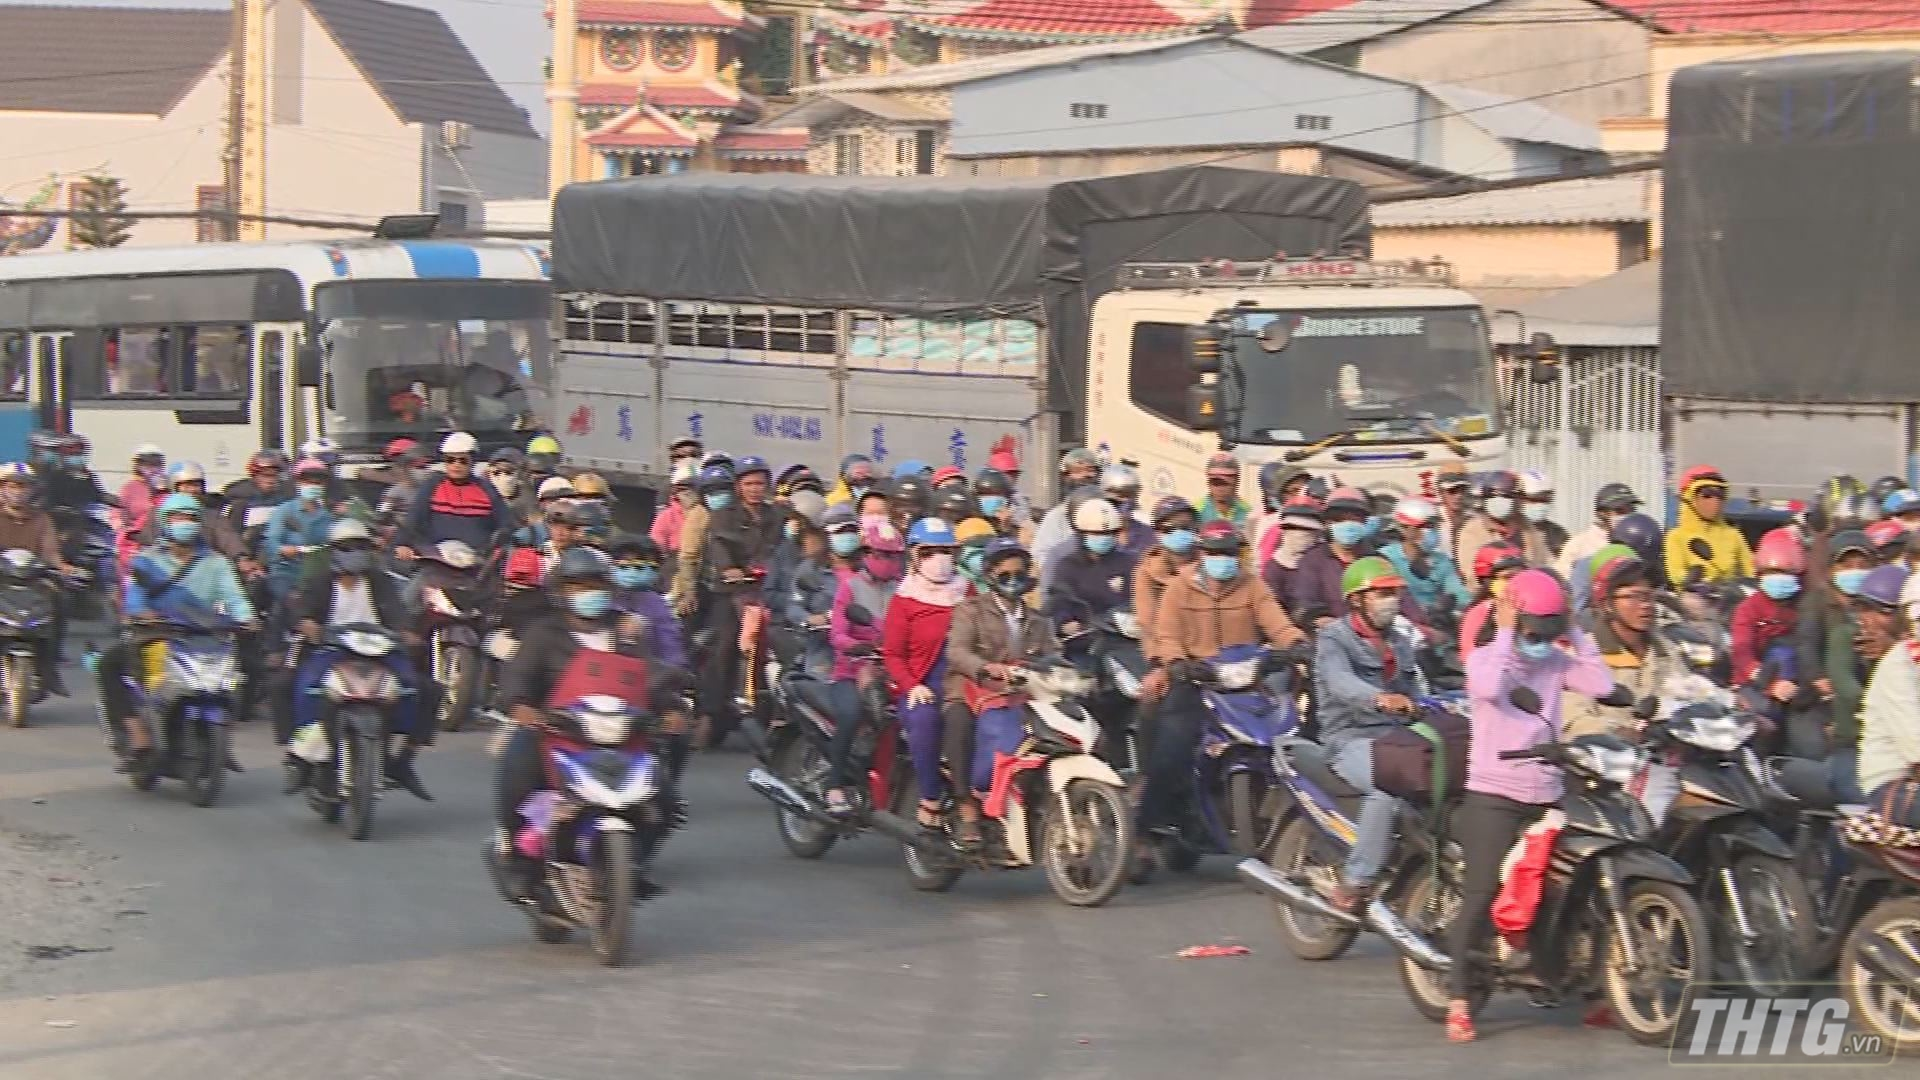 Tiền Giang xảy ra 7 vụ tai nạn giao thông trong những ngày nghỉ Tết